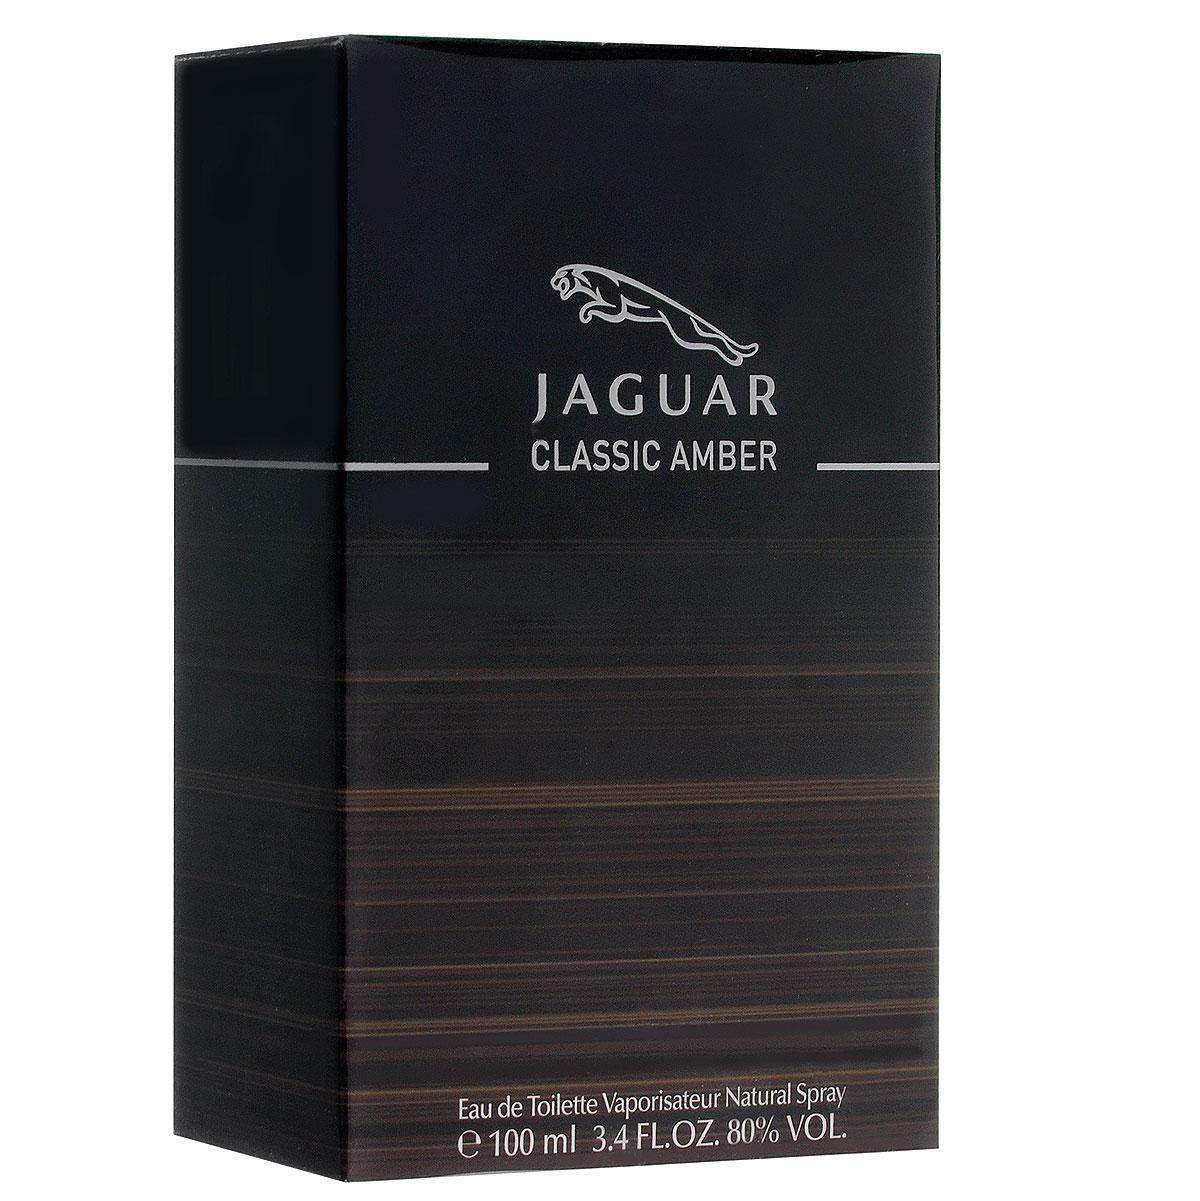 Jaguar Туалетная вода Classic Amber, мужская, 100 млJ370318Аромат Classic Amber от Jaguar - настоящая мужская элегантность, заключенная во флаконе. Так же, как автомобили Jaguar, не зависимо от времени, аромат подчеркивает тот же стиль и изысканность. Парфюмер - Доминик Прейсса. Классификация аромата : фужерный, восточный. Пирамида аромата : Верхние ноты: мандарин, грейпфрут, петитгрейн, розовый перец. Ноты сердца: корица, смола элеми, пряный черный перец, флердоранж, яблоко. Ноты шлейфа: кедр, ветивер, ладан, ваниль, кожаный нюанс, мускус. Ключевые слова Мужественный, загадочный, чувственный! Туалетная вода - один из самых популярных видов парфюмерной продукции. Туалетная вода содержит 4-10% парфюмерного экстракта. Главные достоинства данного типа продукции заключаются в доступной цене, разнообразии форматов (как правило, 30, 50, 75, 100 мл), удобстве использования (чаще всего - спрей). Идеальна...